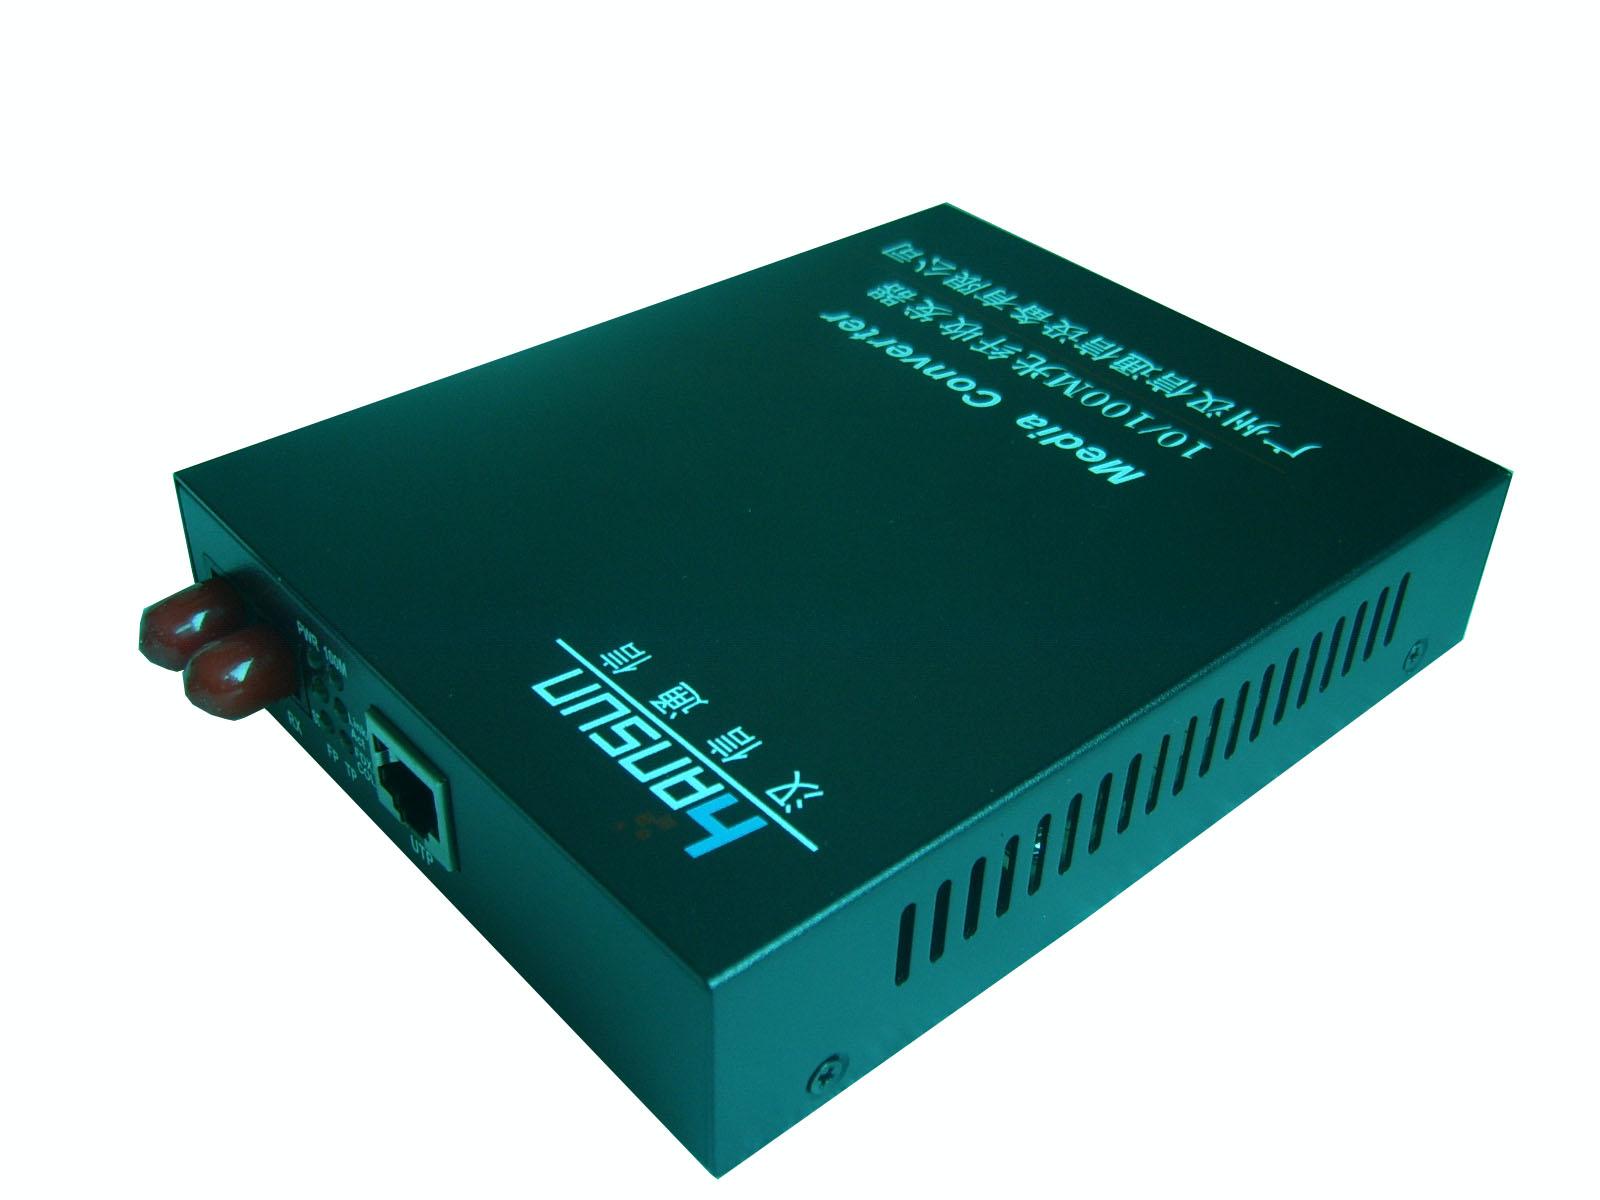 光纤收发器品牌排行_广州汉信 - 光纤收发器 - HS130-SFC - 广州汉信通信设备有限公司